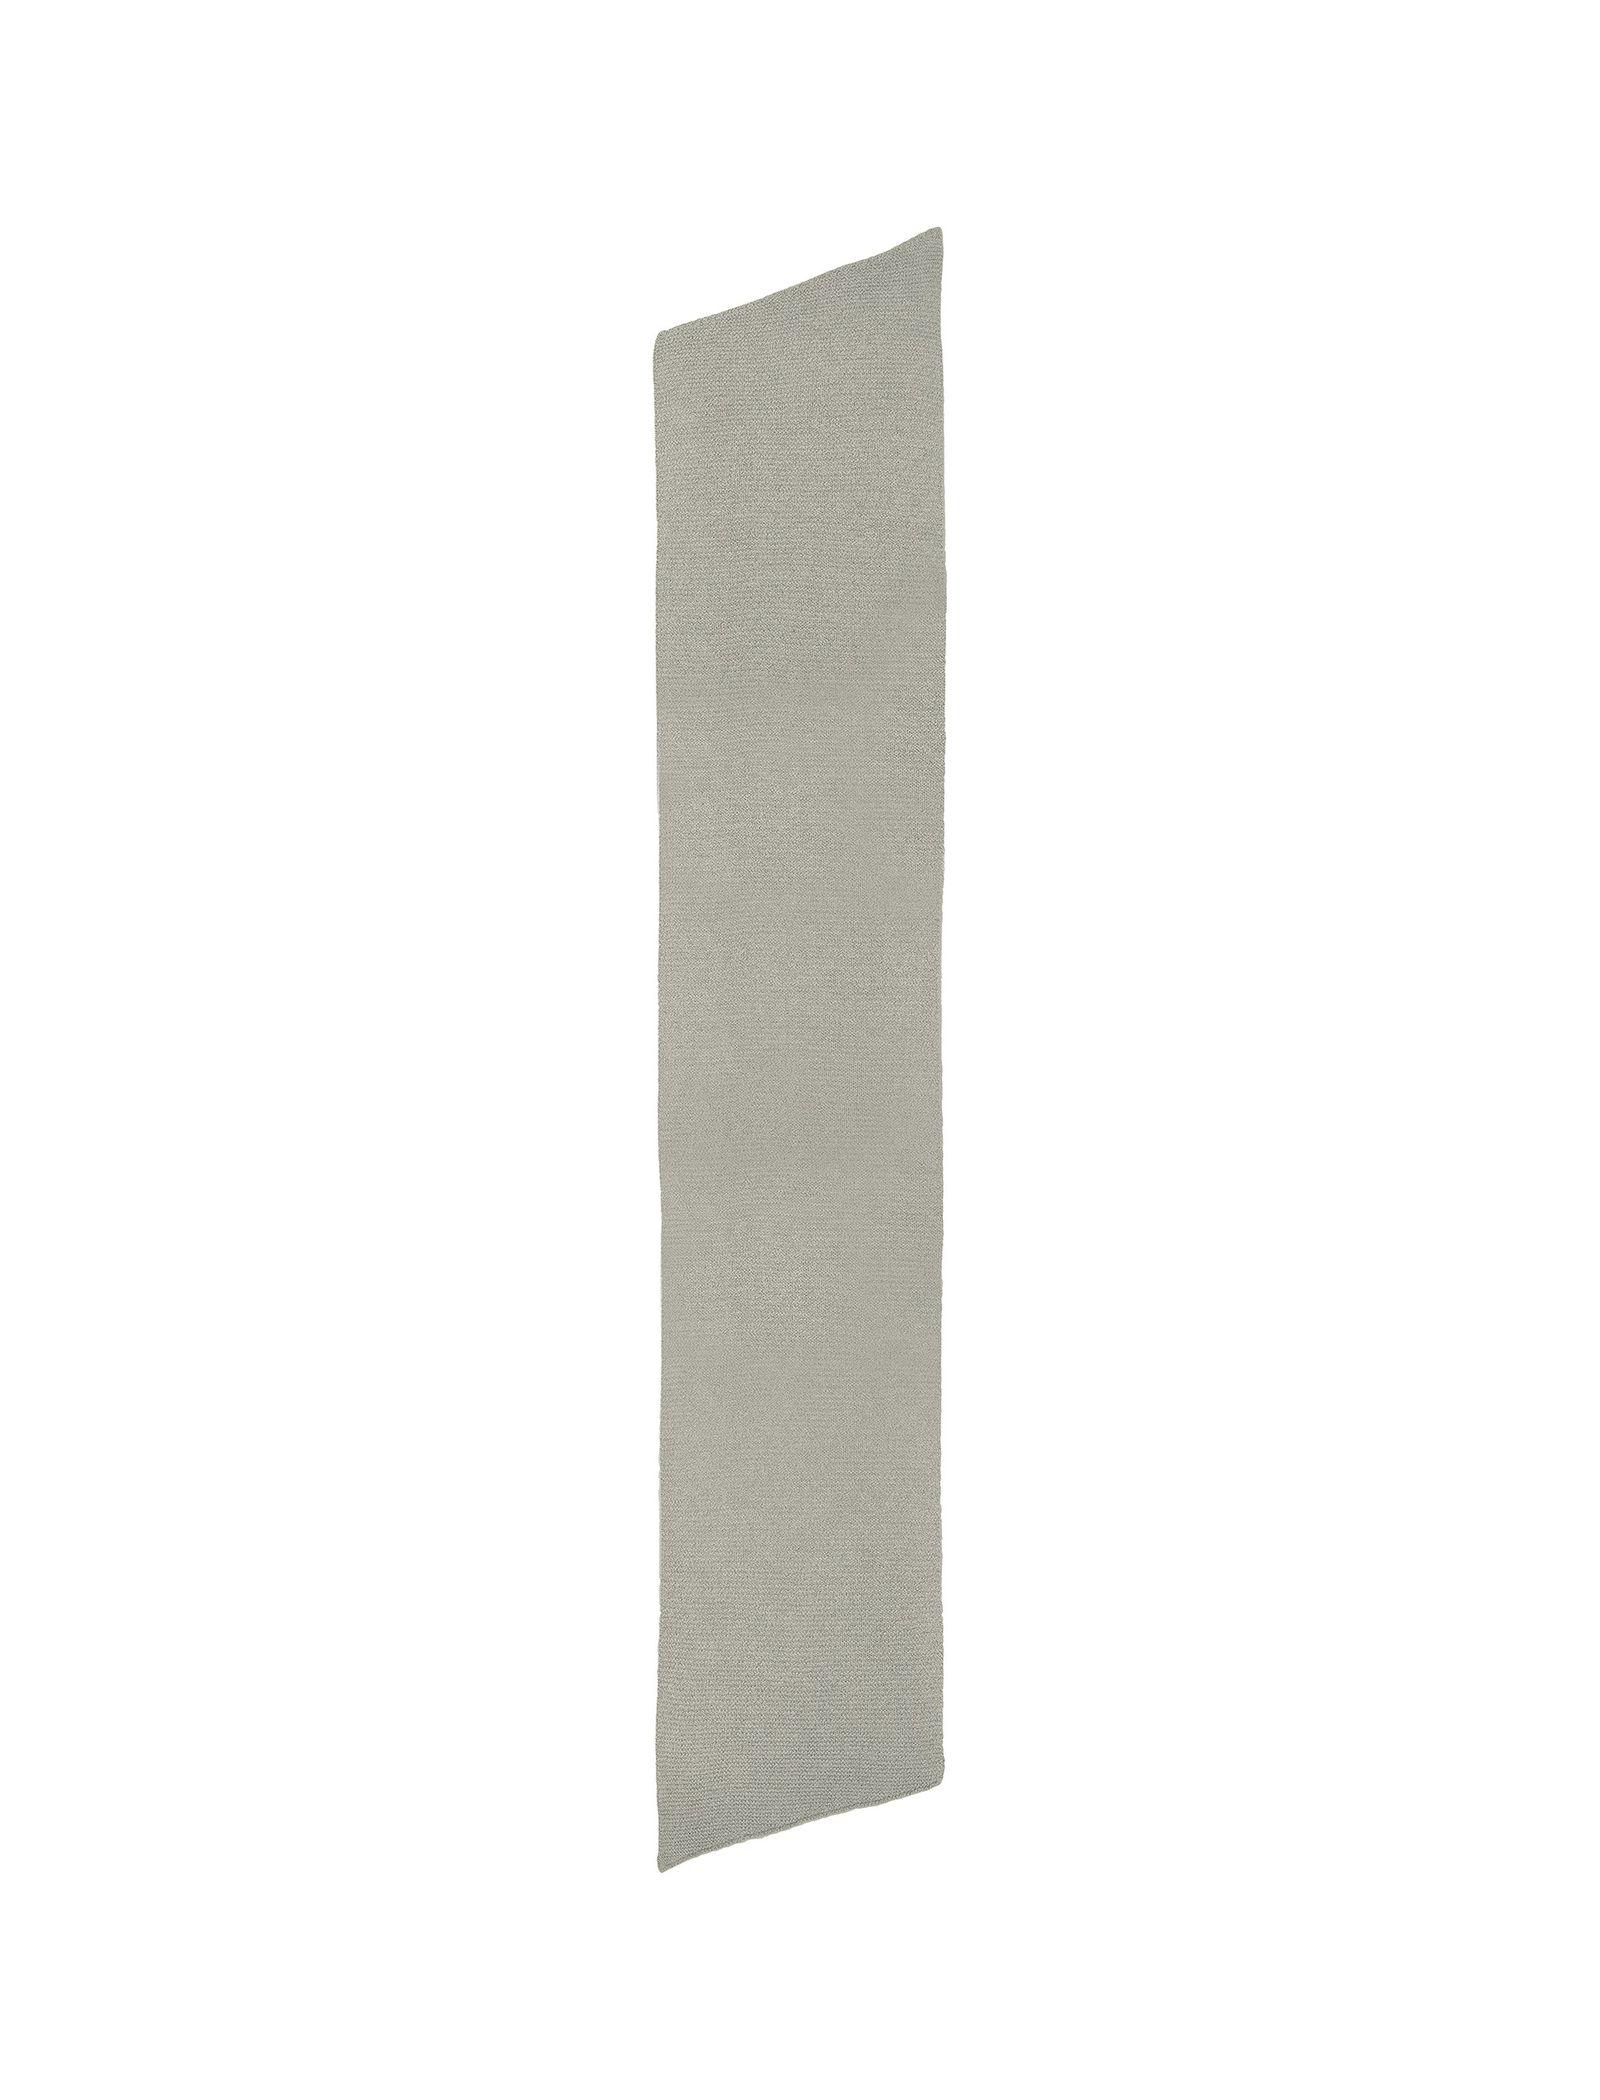 شال گردن ساده زنانه - اونلی - طوسي روشن - 2